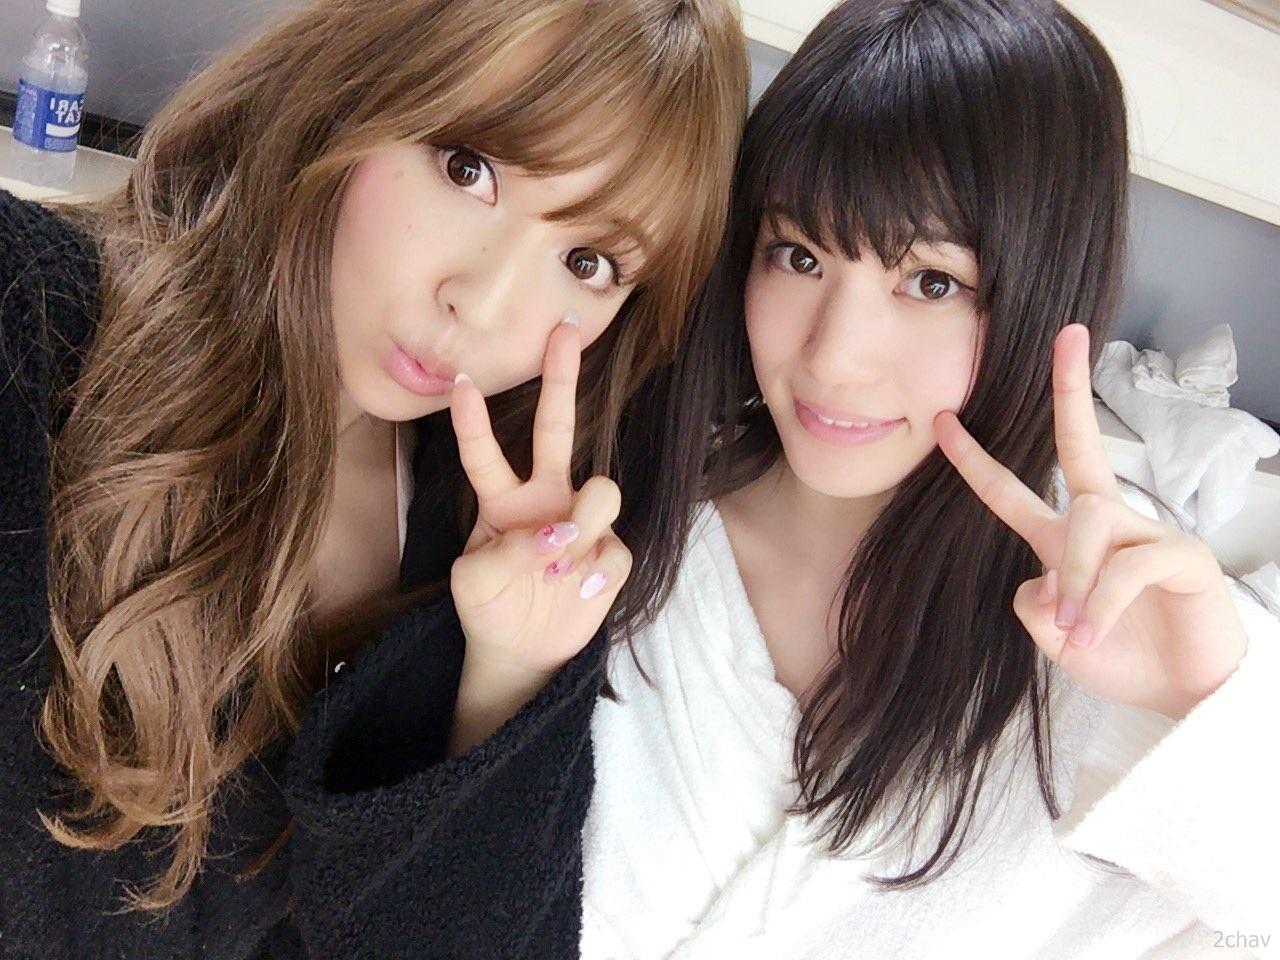 高橋しょう子と三上悠亜の共演キタ―――(゚∀゚)――― !! AV ...